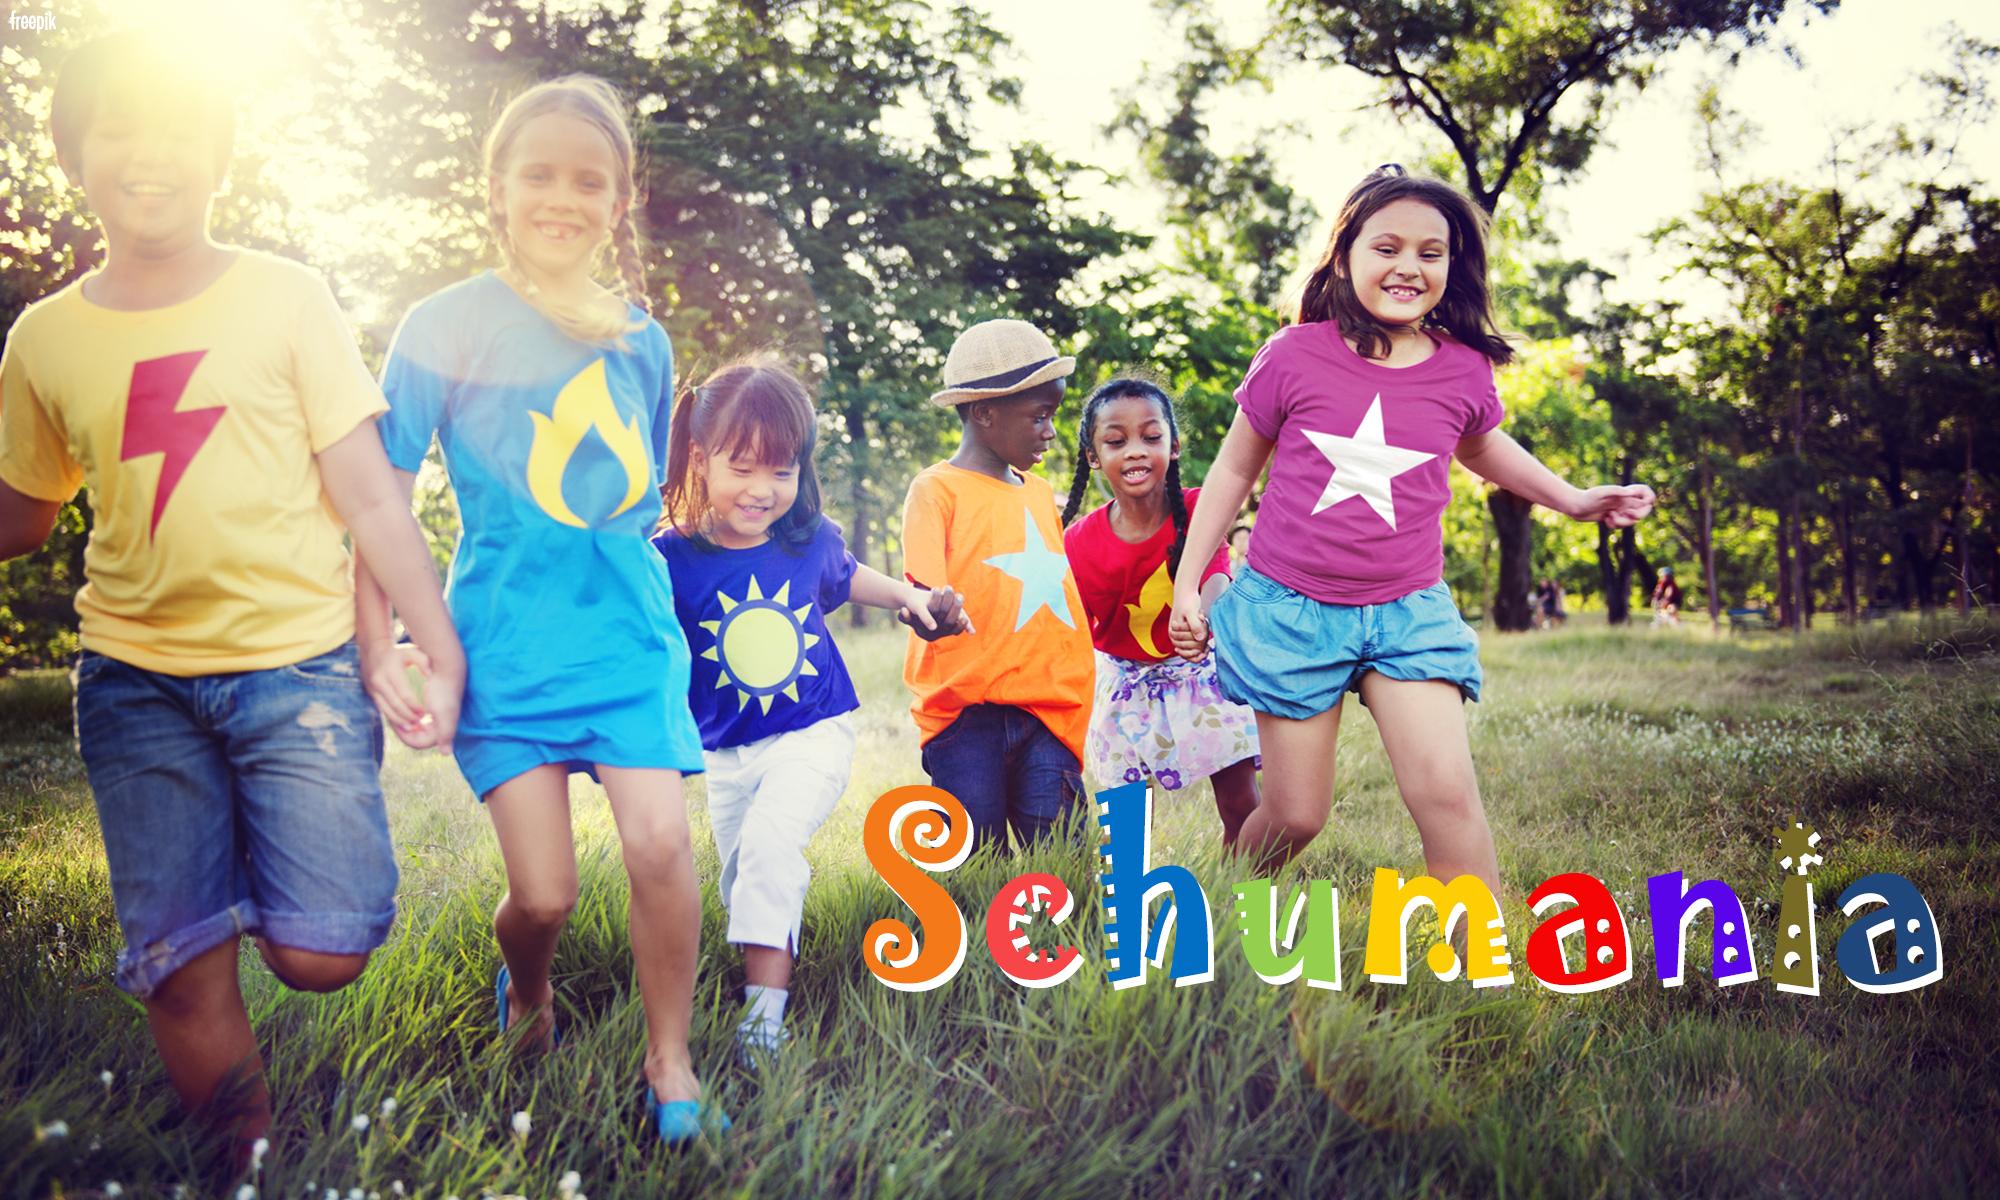 Schumania